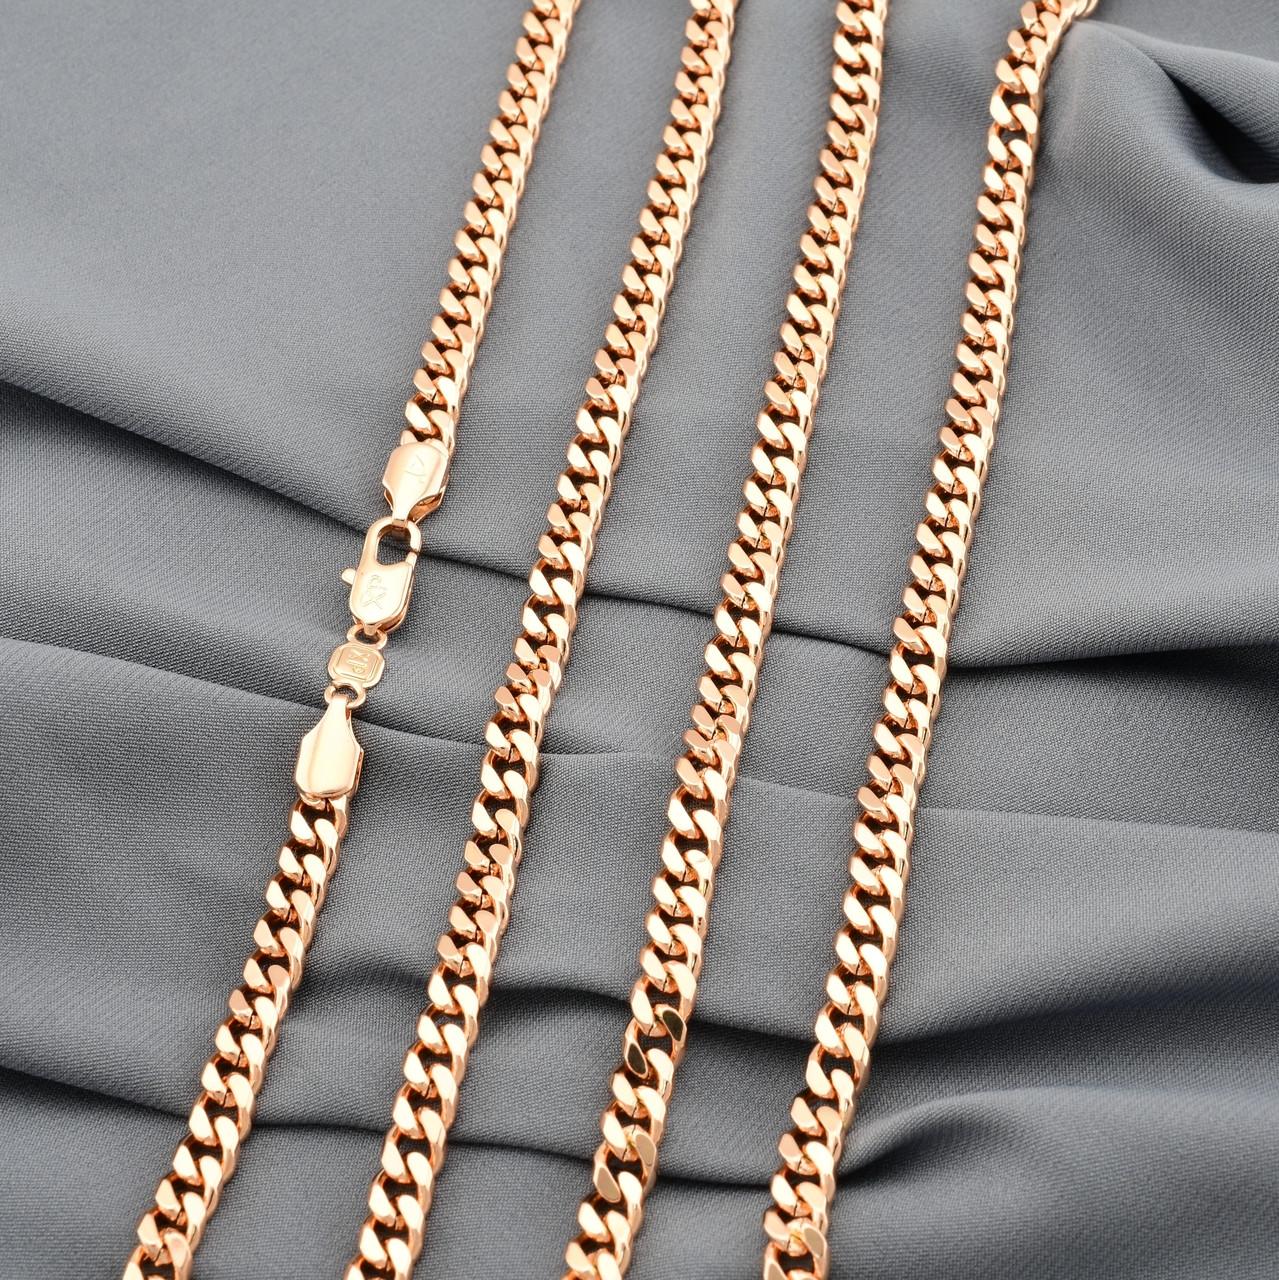 Цепочка Xuping Панцирная 30001 длина 50 см ширина 5 мм вес 29.1 г позолота РО